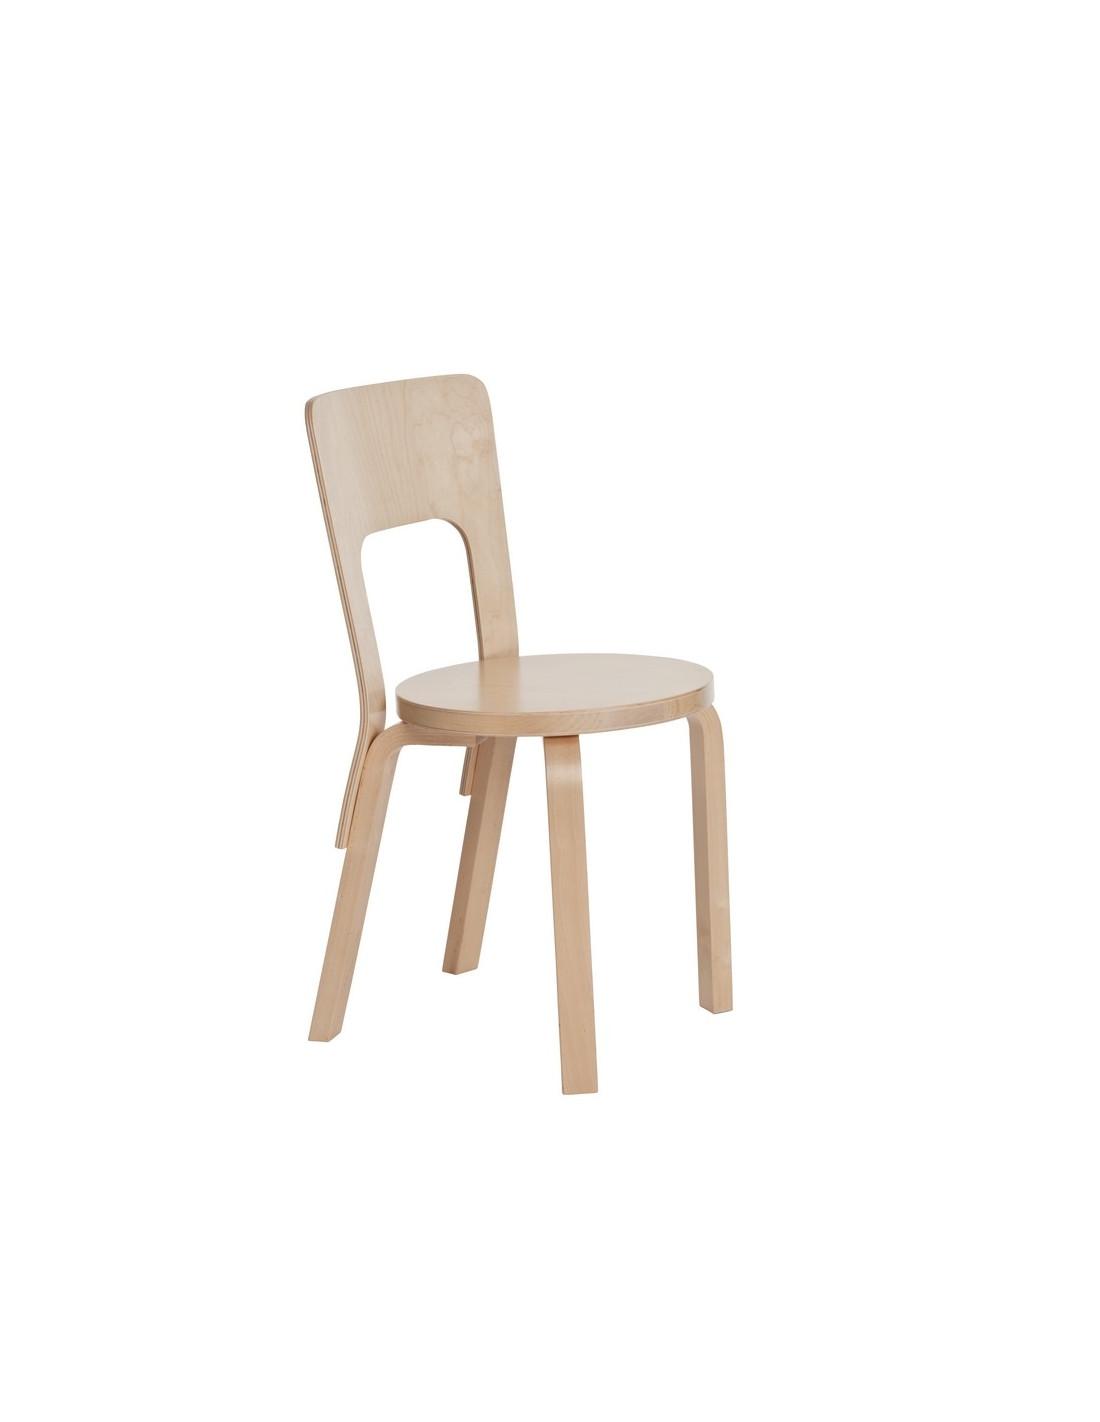 Chair 66 alvar aalto design for artek la boutique danoise for Alvar aalto chaise lounge